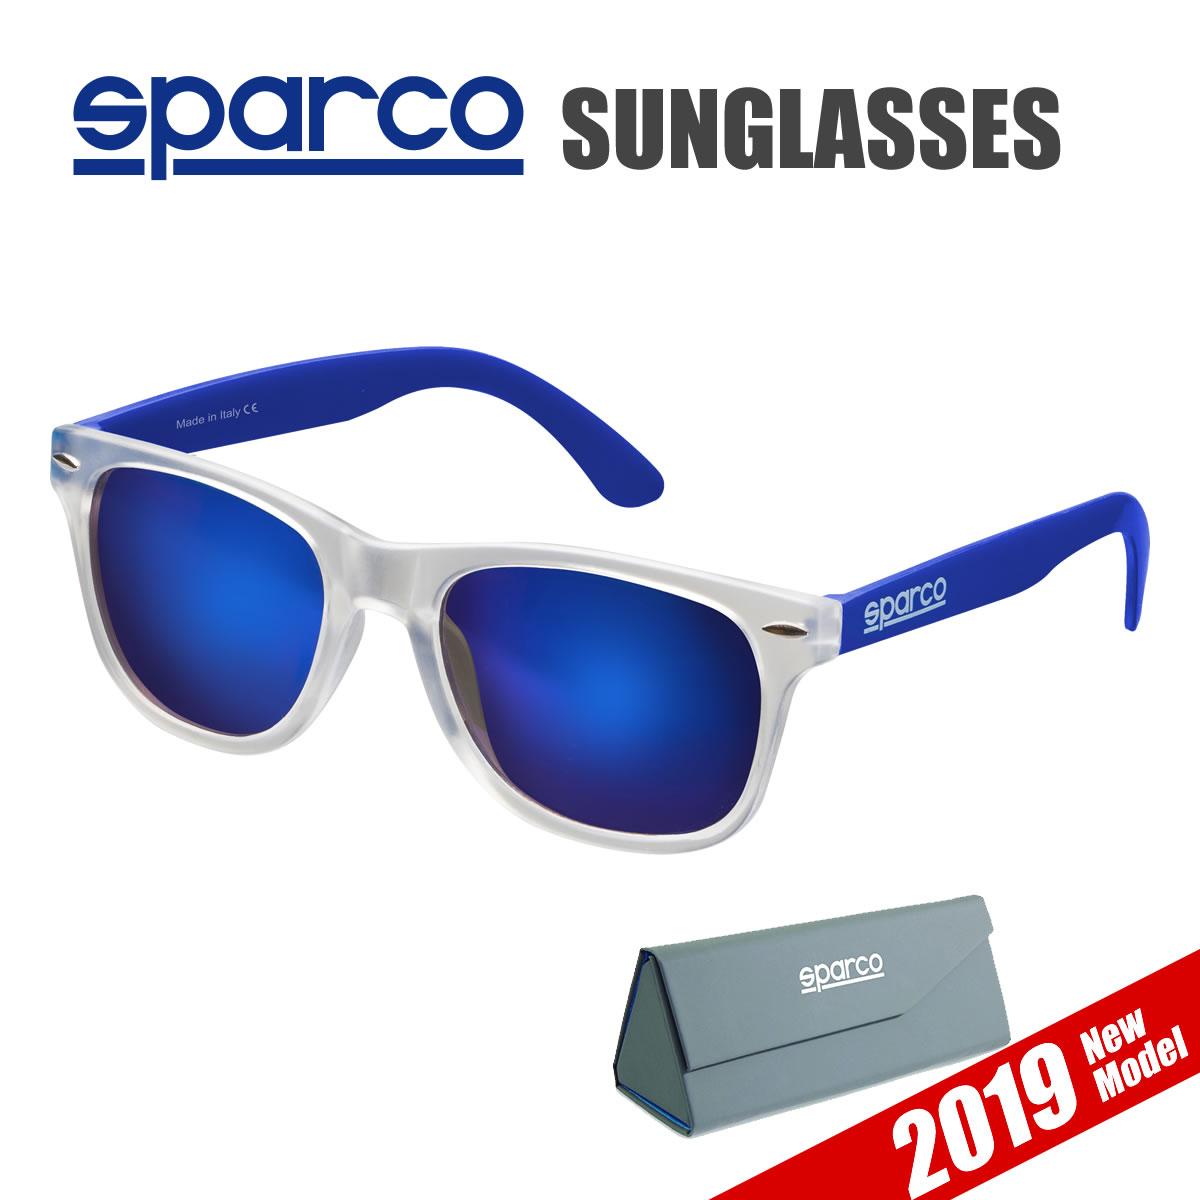 Sparco スパルコ SUNGLASSES サングラス 2019年モデル